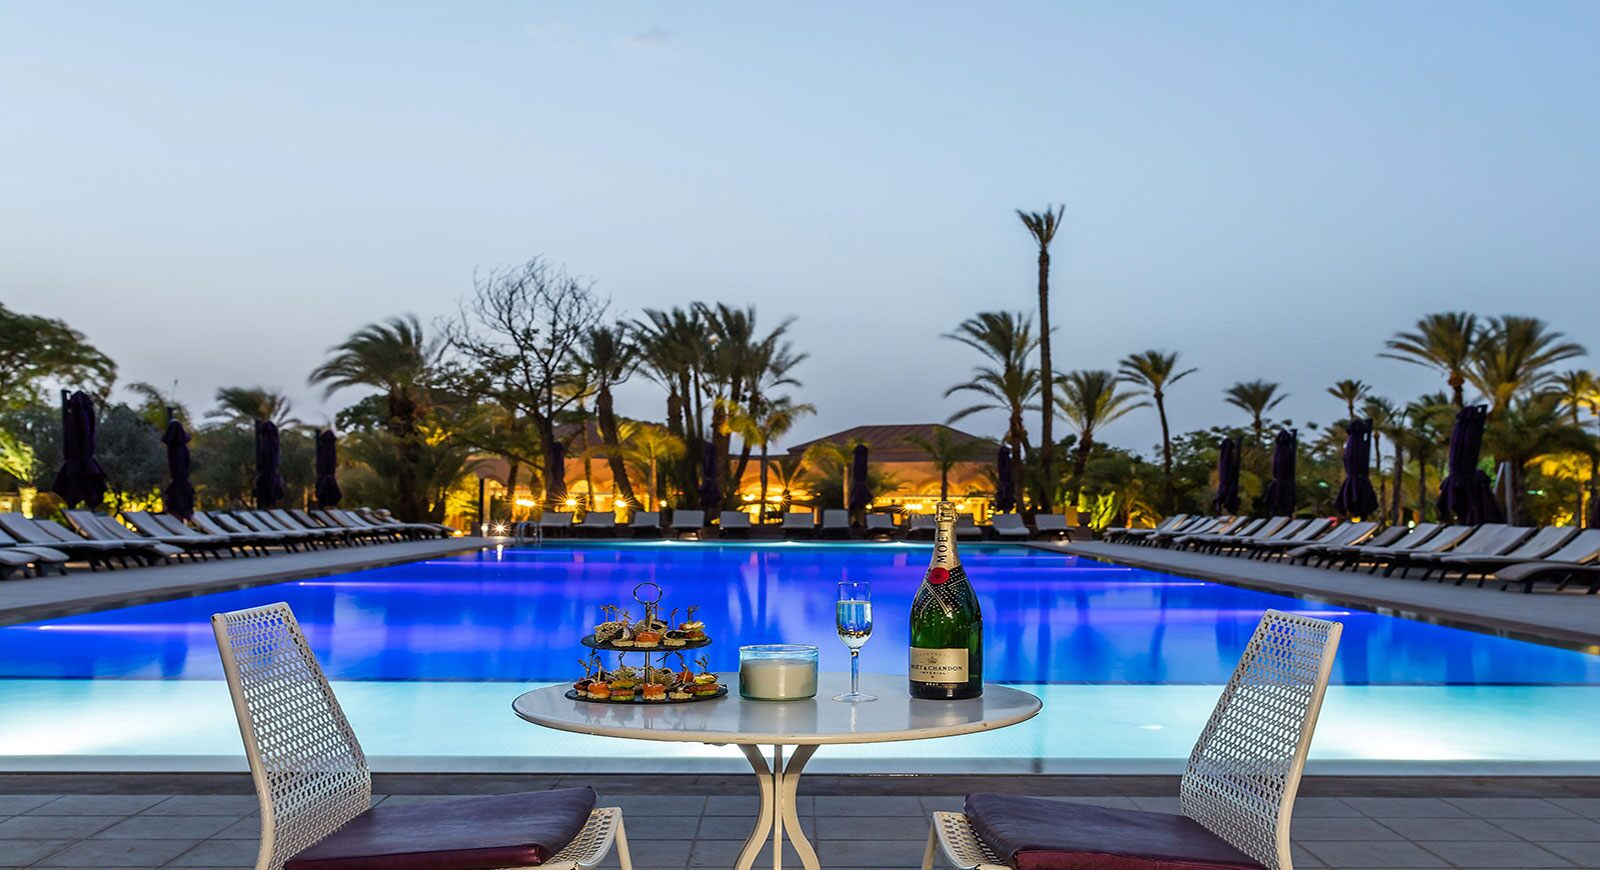 Luxus im Orient: Übernachten im Barceló Palmeraie in Marrakesch 9